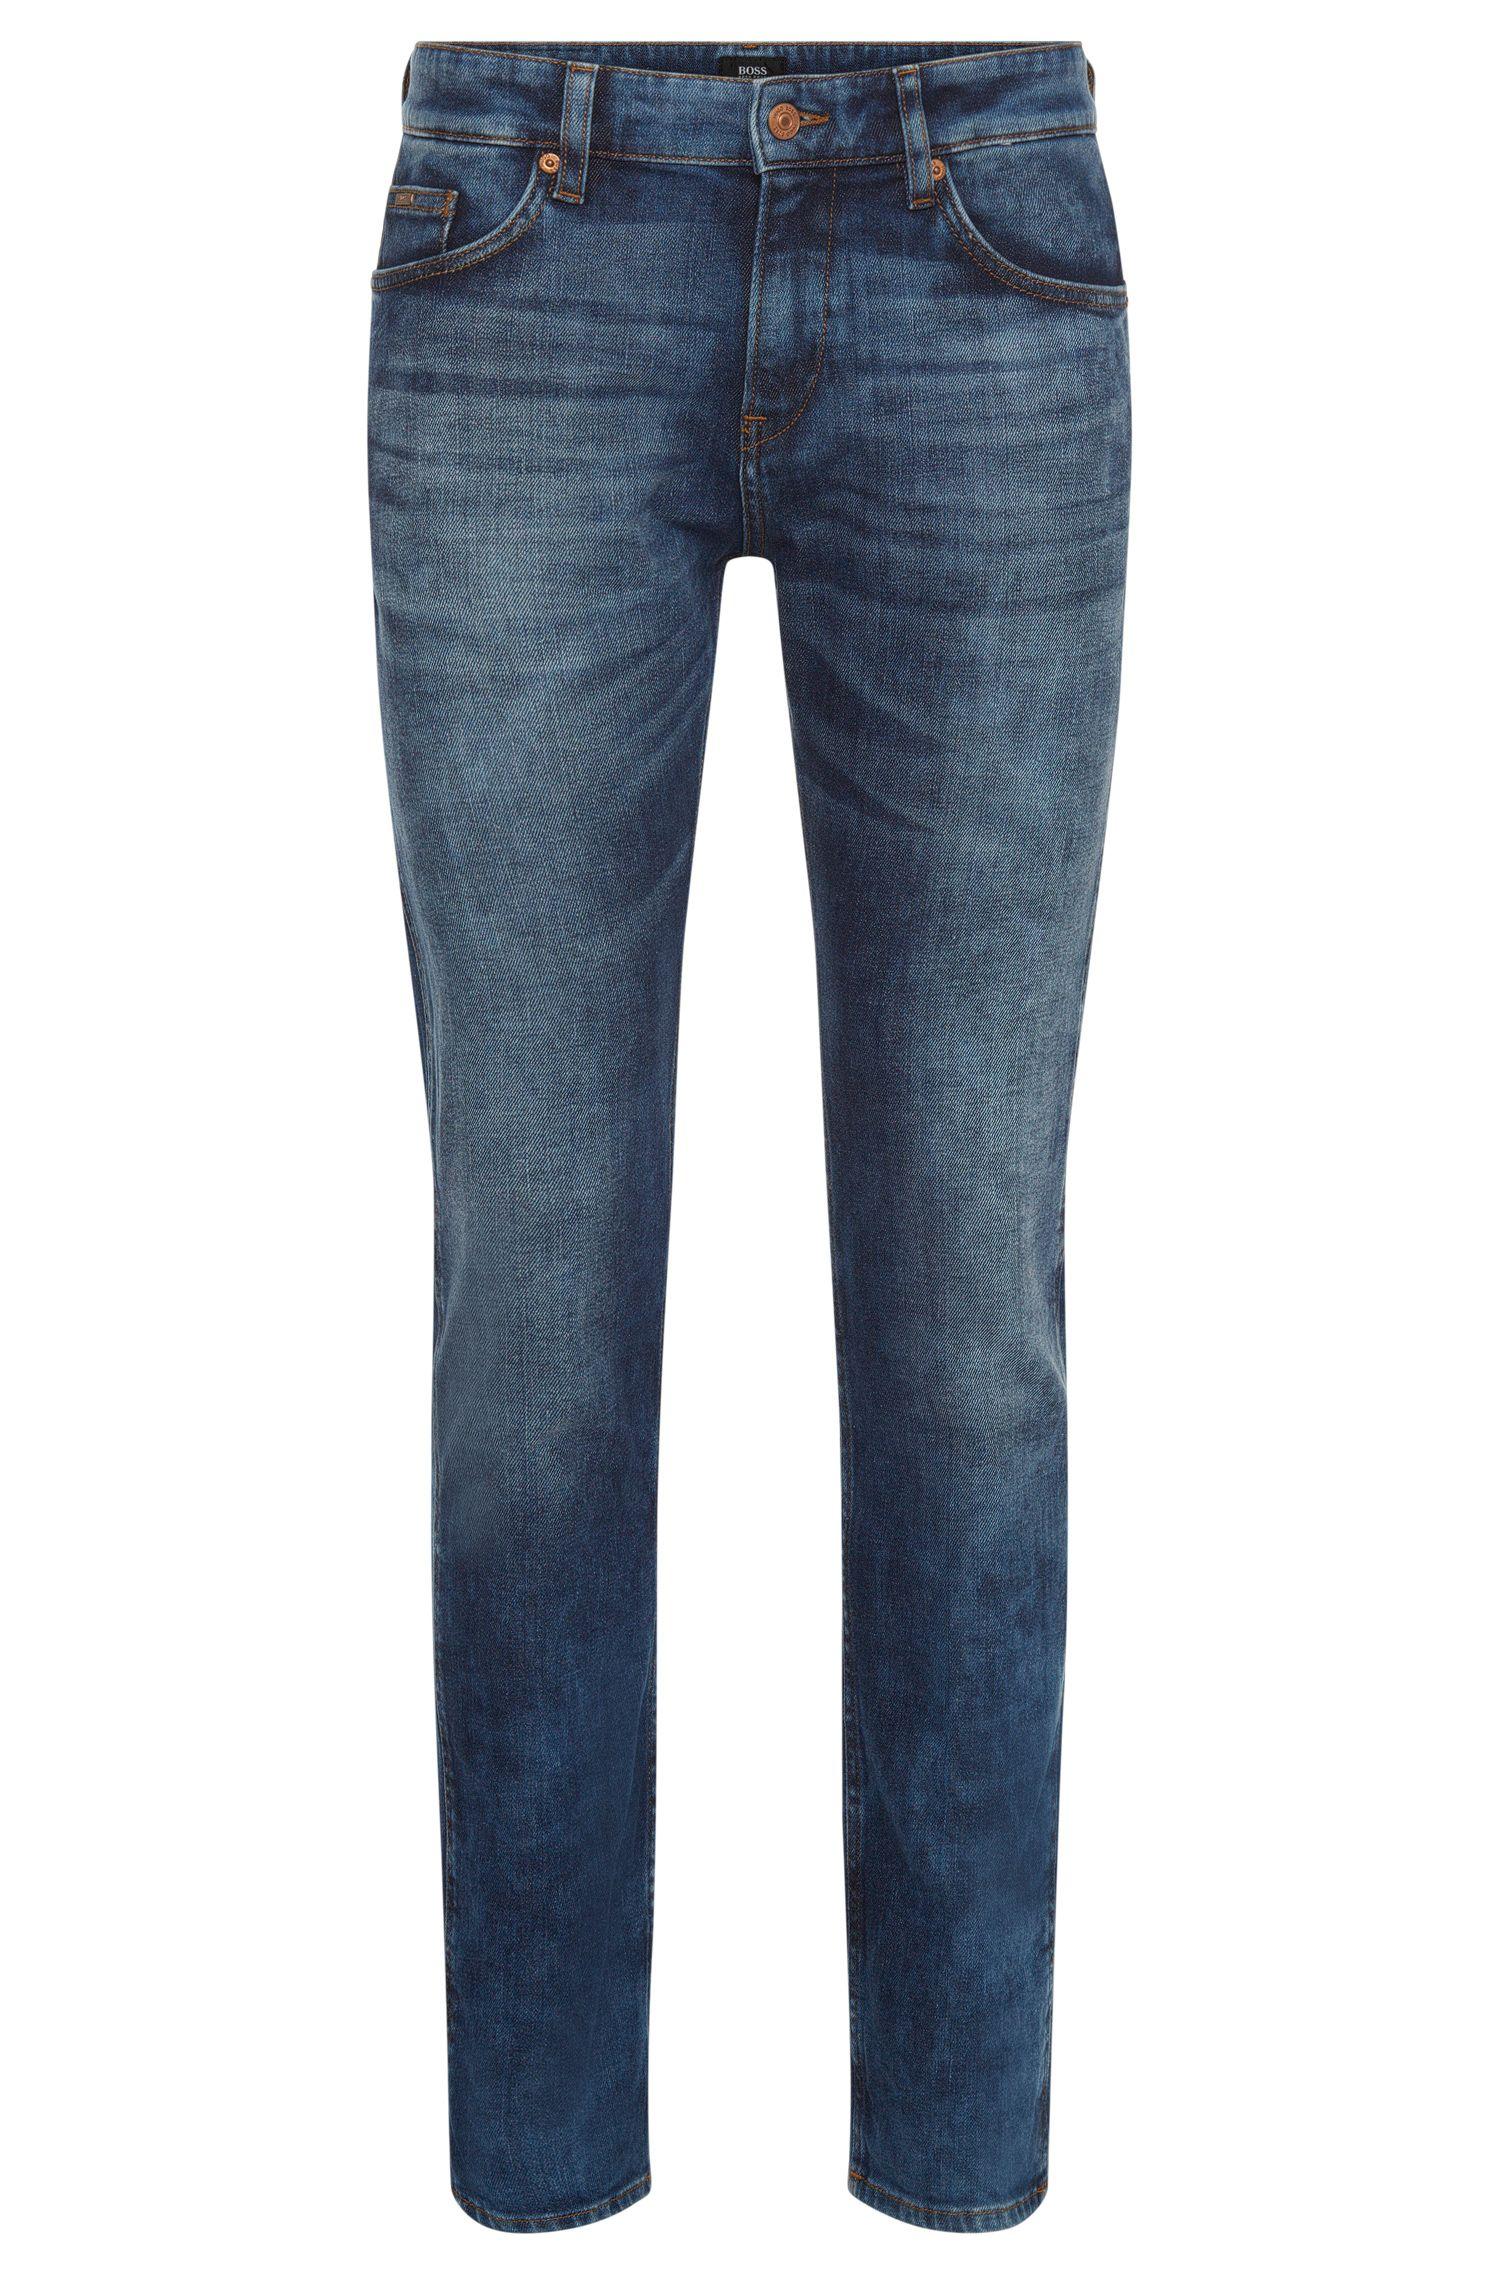 11 oz Stretch Cotton Jeans, Slim Fit   Delaware, Blue